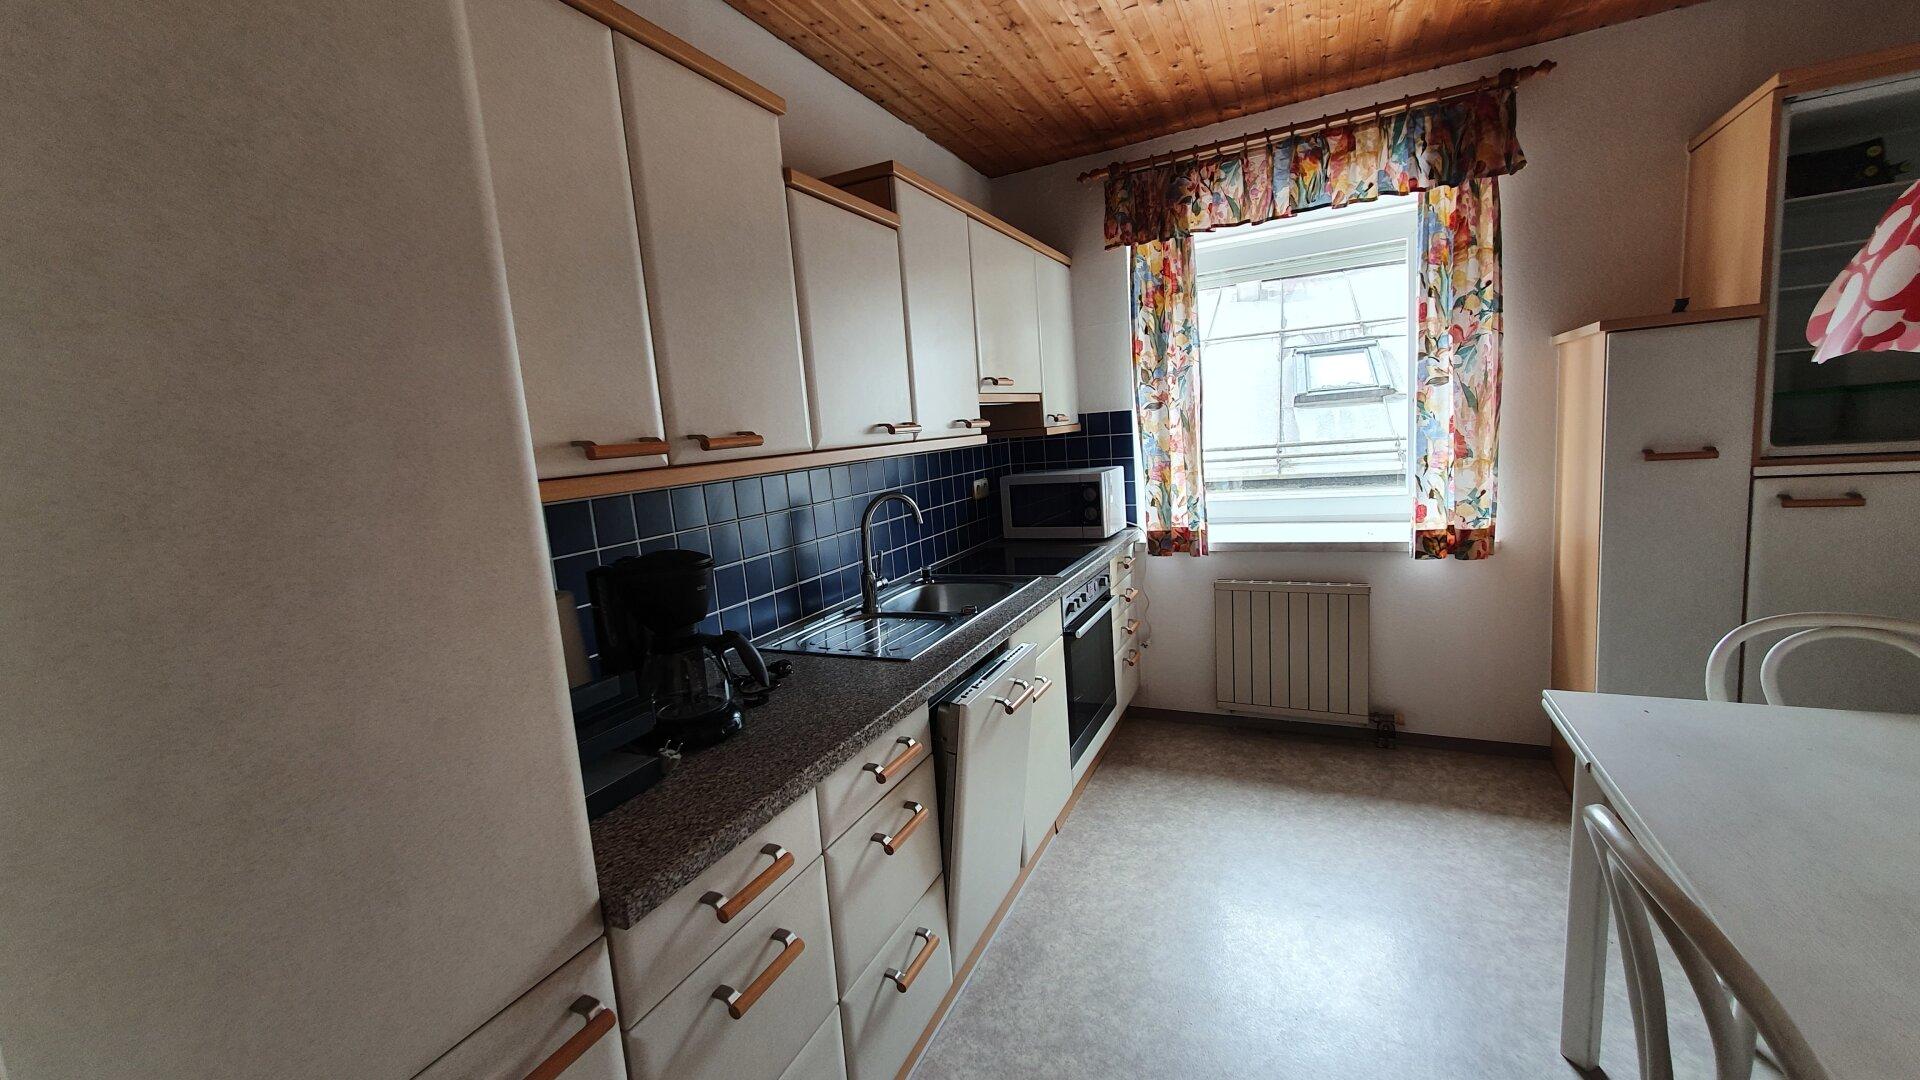 Mietwohnung Kufstein, Küche